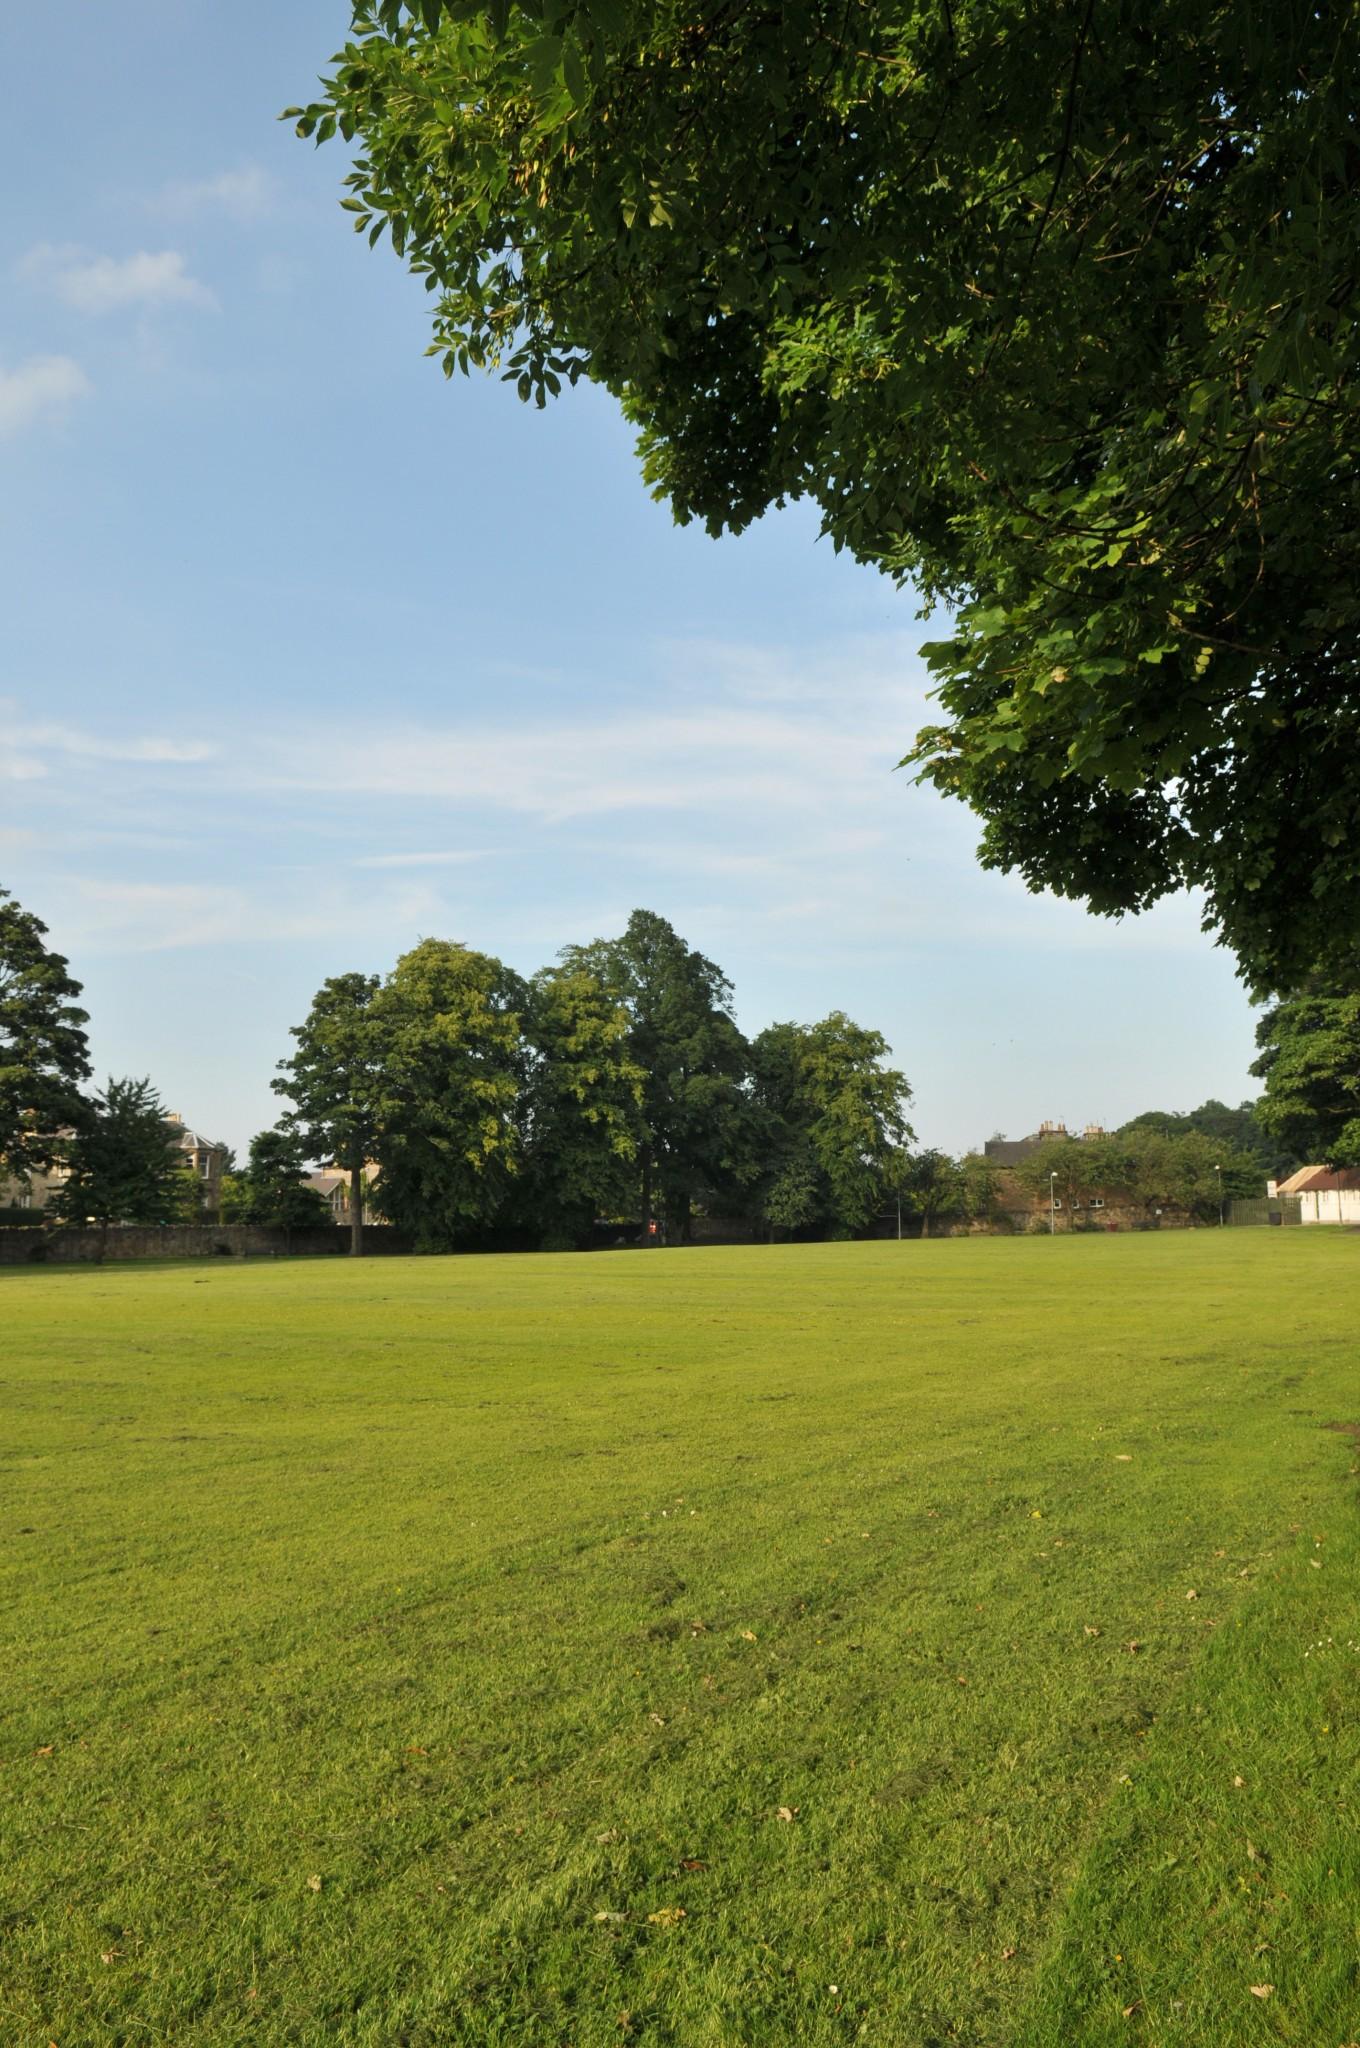 Ravelston Park